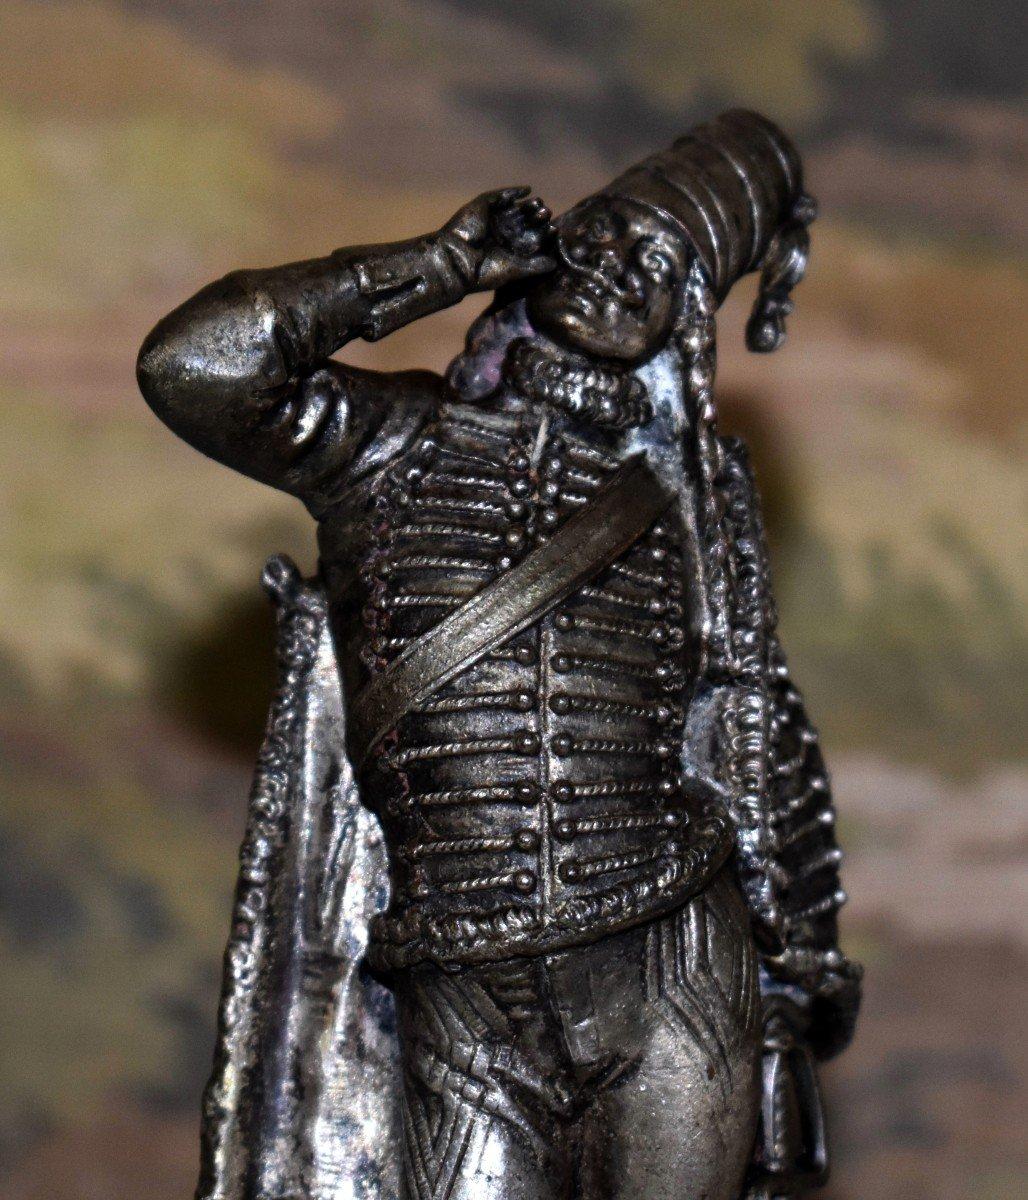 Paire De Statuettes , Sujet Militaire, Hussard  et  Jeune Fille,  Soldat en costume militaire, Premier Empire, Napoléon.-photo-4